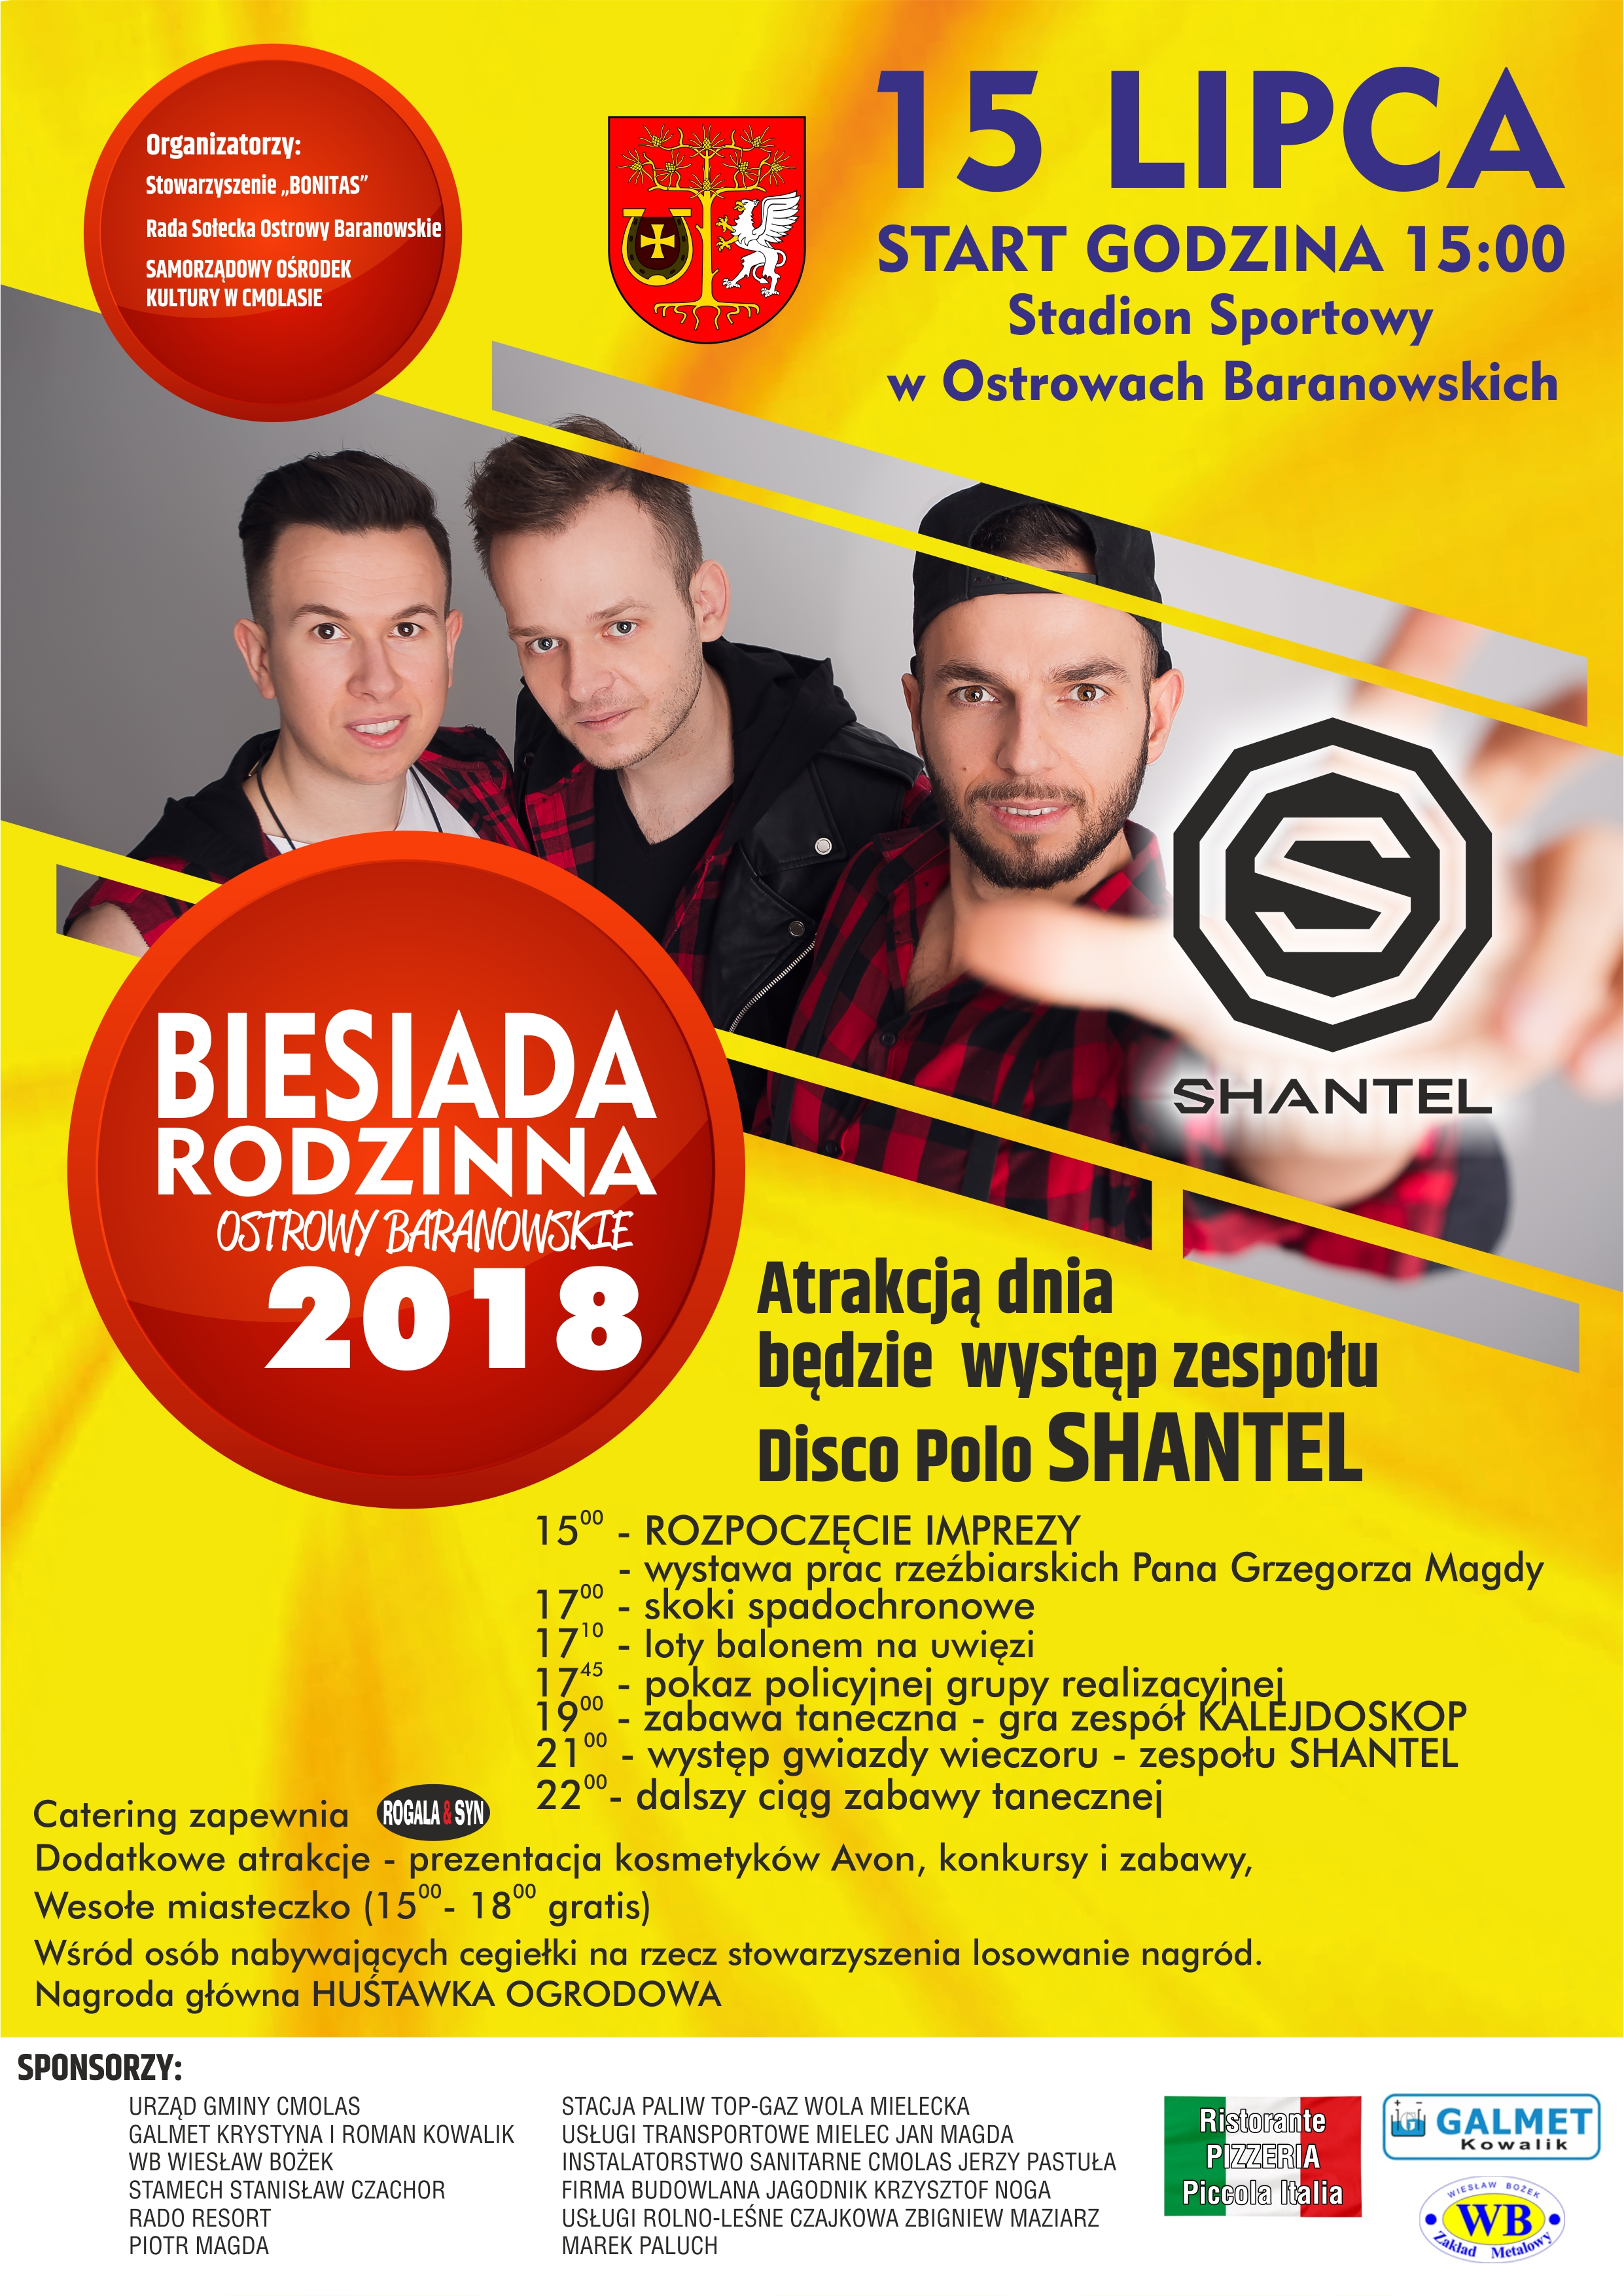 Shantel gwiazdą Besiady Rodzinnej w Ostrowach Baranowskich  - Zdjęcie główne